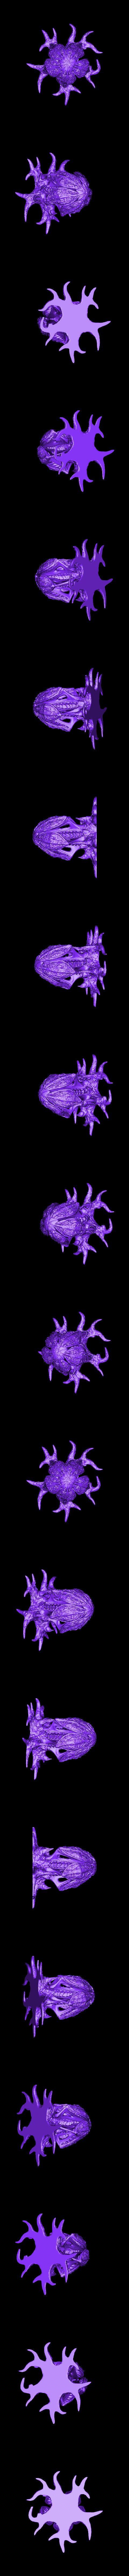 """WastelandPlant01_MEDIUM.stl Télécharger fichier STL gratuit Installation de table : """"Arbre des Spores du désert"""" (Végétation exotique 12) • Plan pour impression 3D, GrimGreeble"""